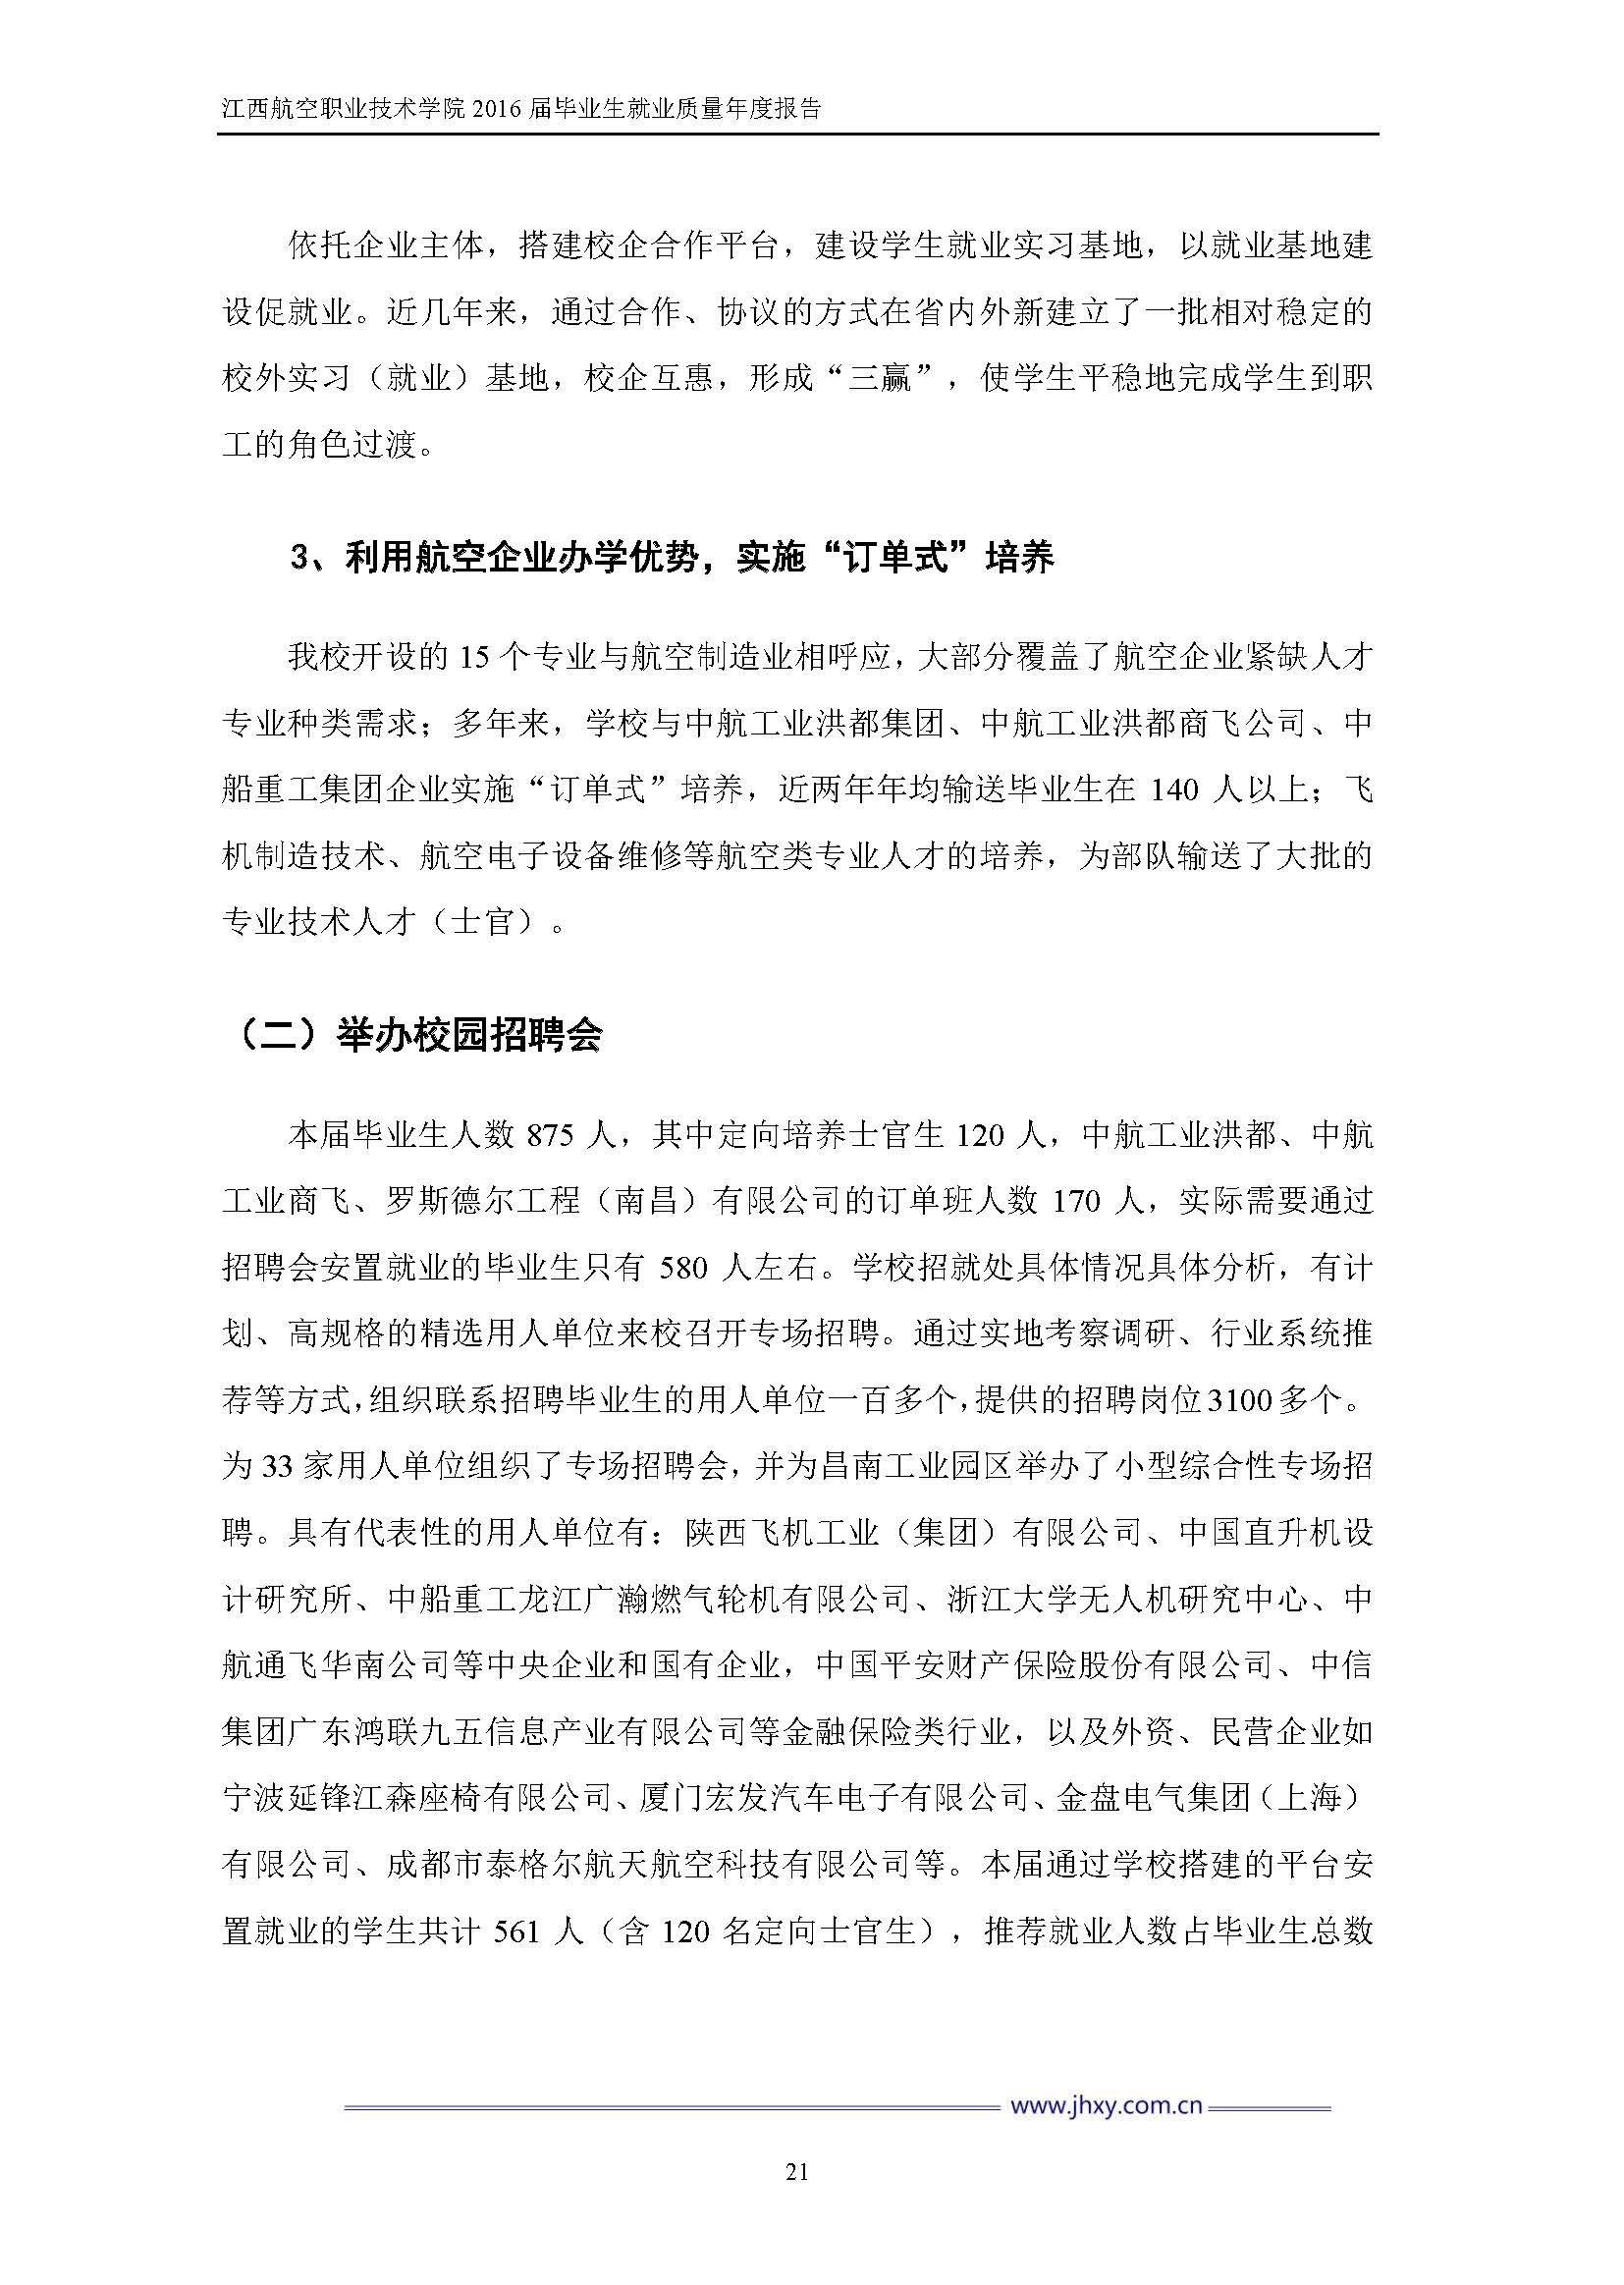 江西航空职业技术学院2016届毕业生就业质量年度报告_Page_28.jpg